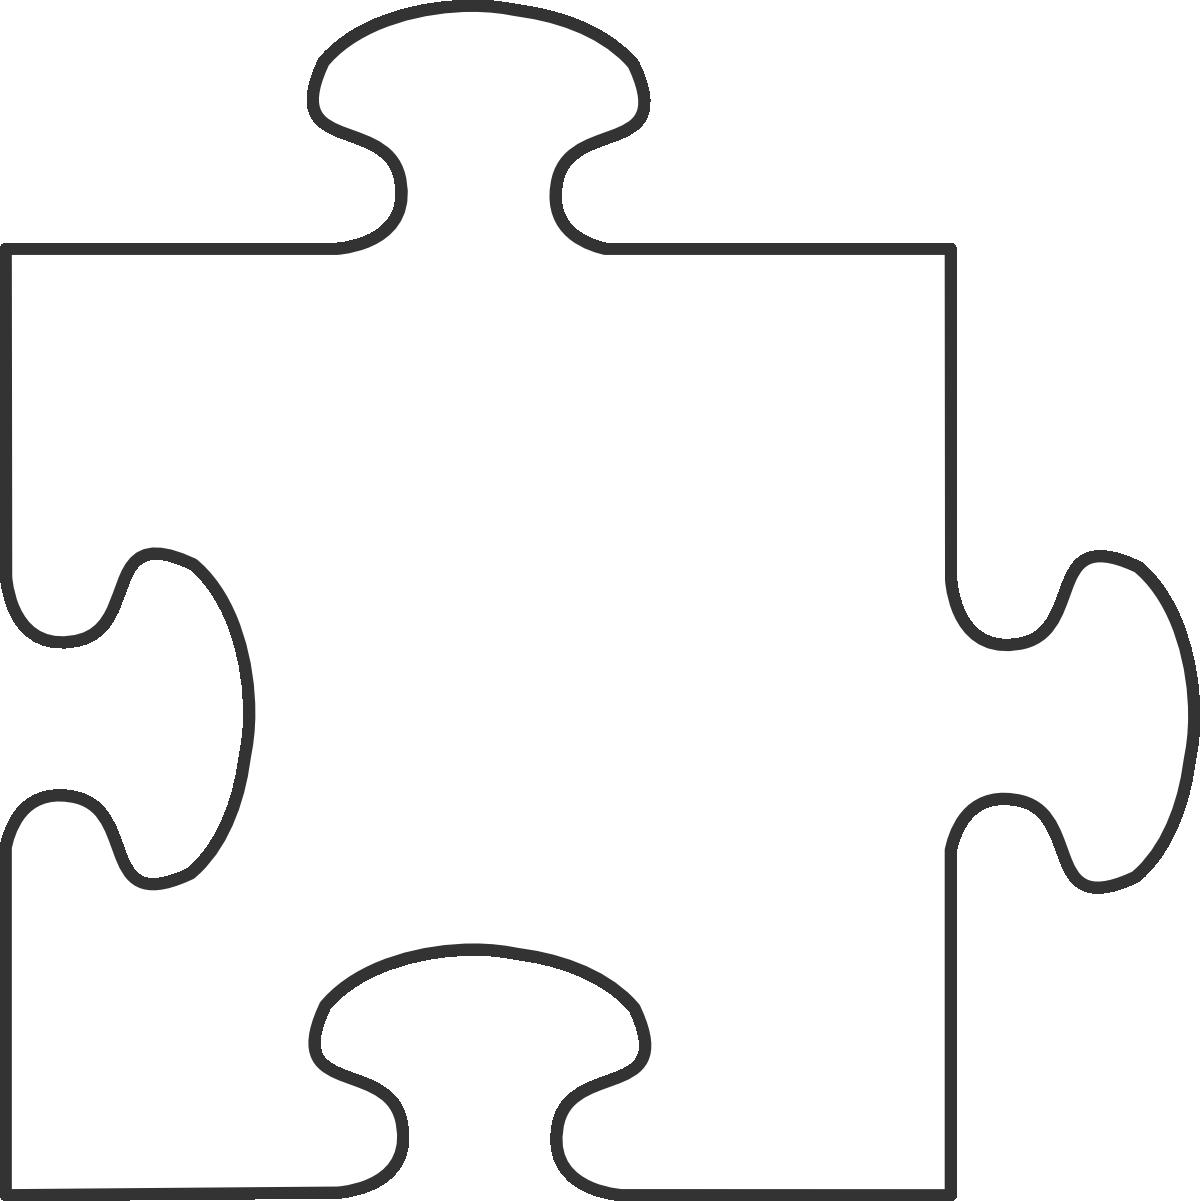 Puzzle Border Clipart Best Puzzle Piece Template Puzzle Art Project Autism Puzzle Piece